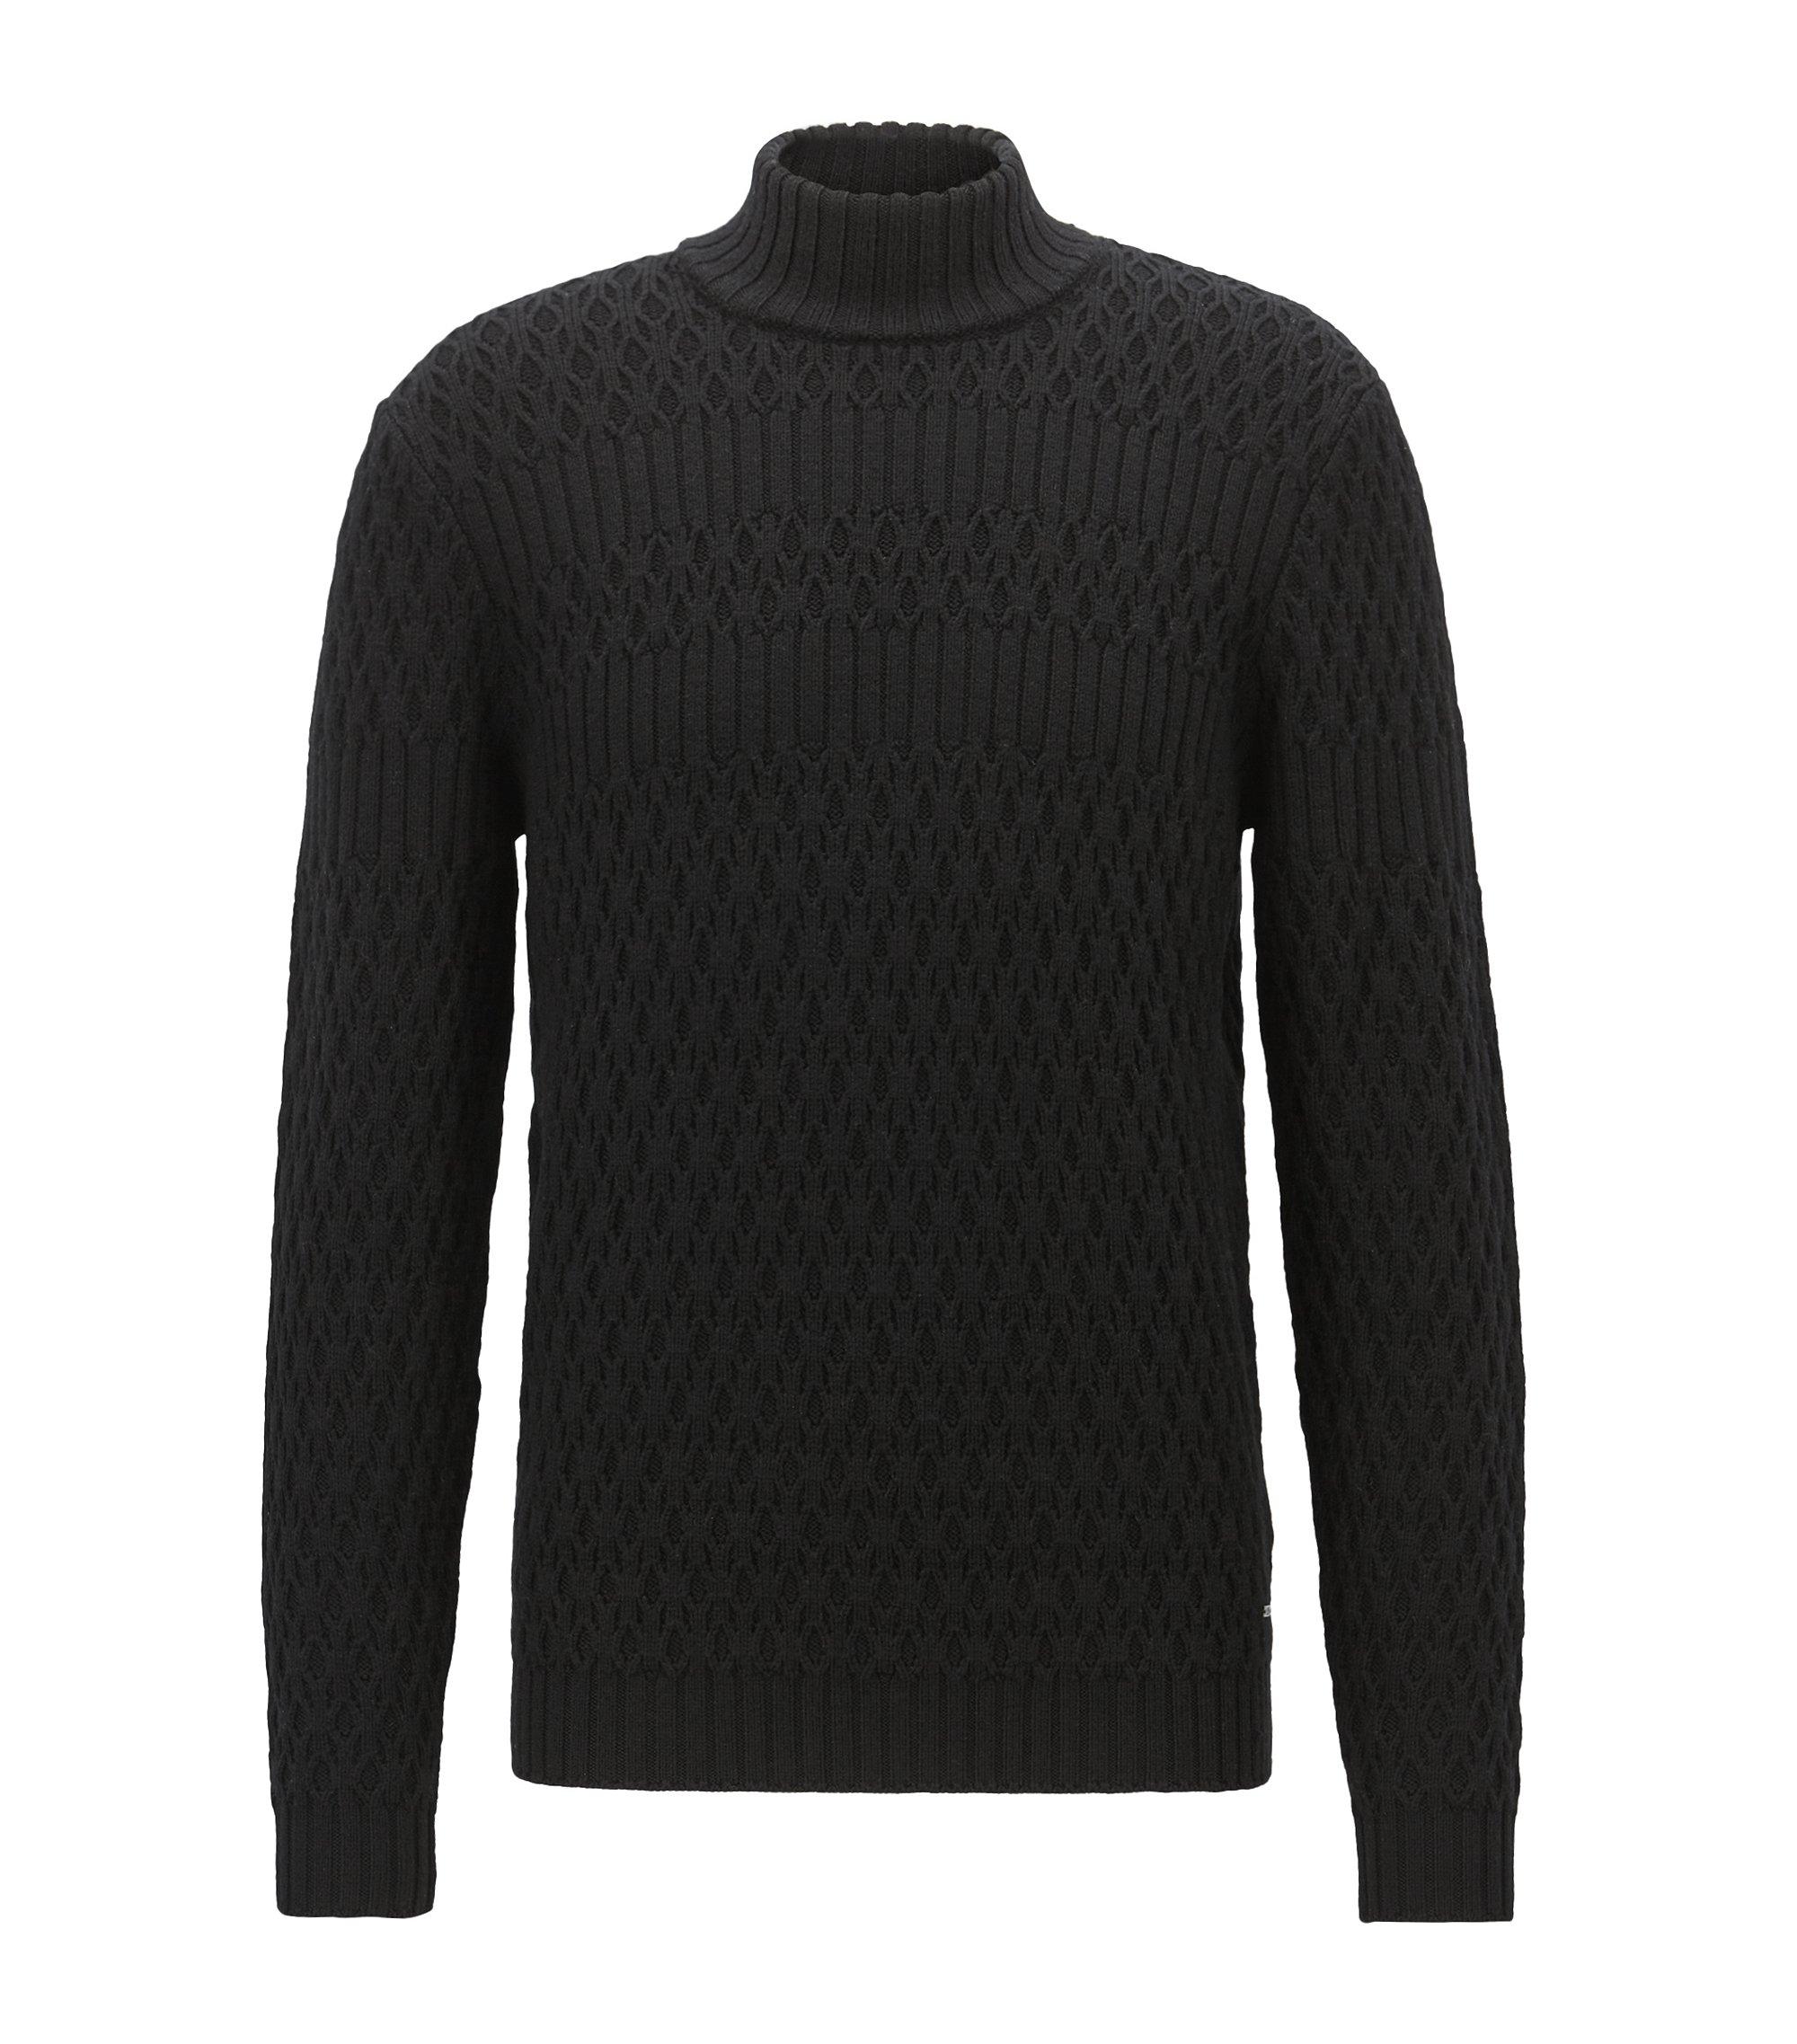 Long-sleeved turtleneck sweater in virgin wool, Black